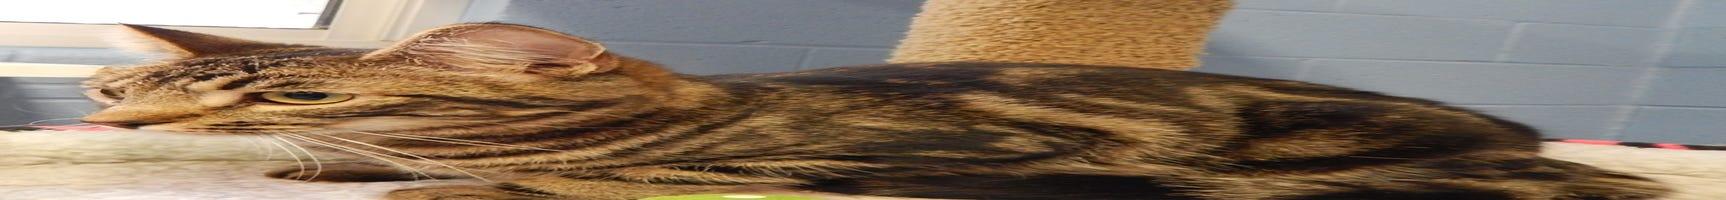 Mesquite Animal Shelter